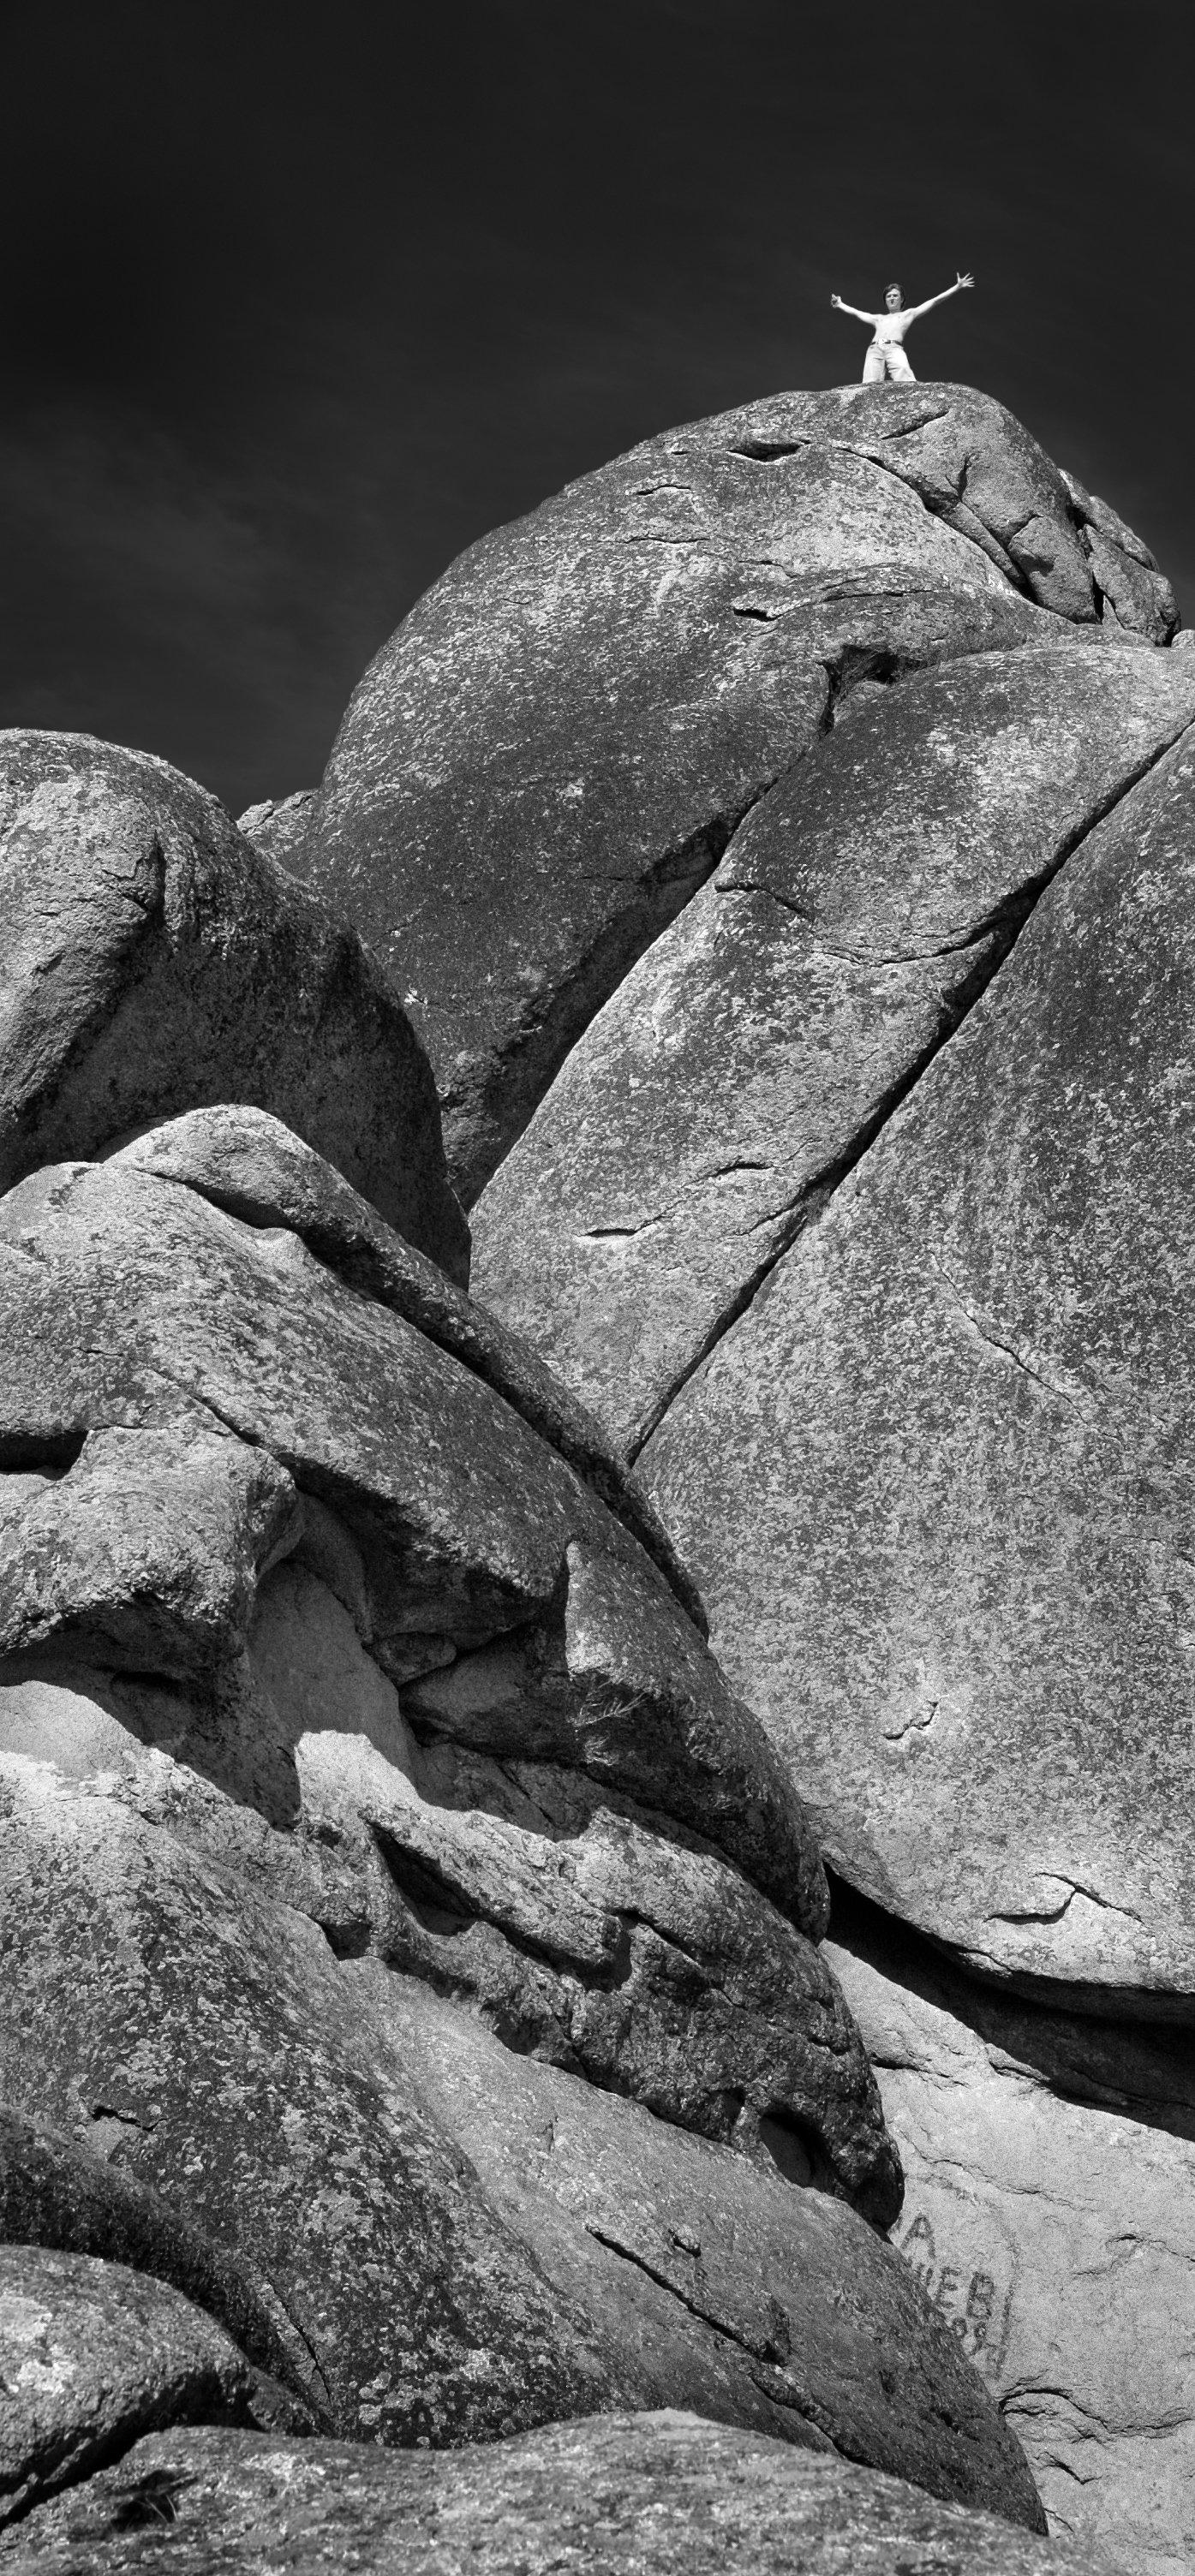 пейзаж, природа, заповедник, камни, скалы, горы, высота, вершина, высь, чб, черно-белое, трещины, альпинизм, скалолаз, красноярск, столбы, Антипов Дмитрий